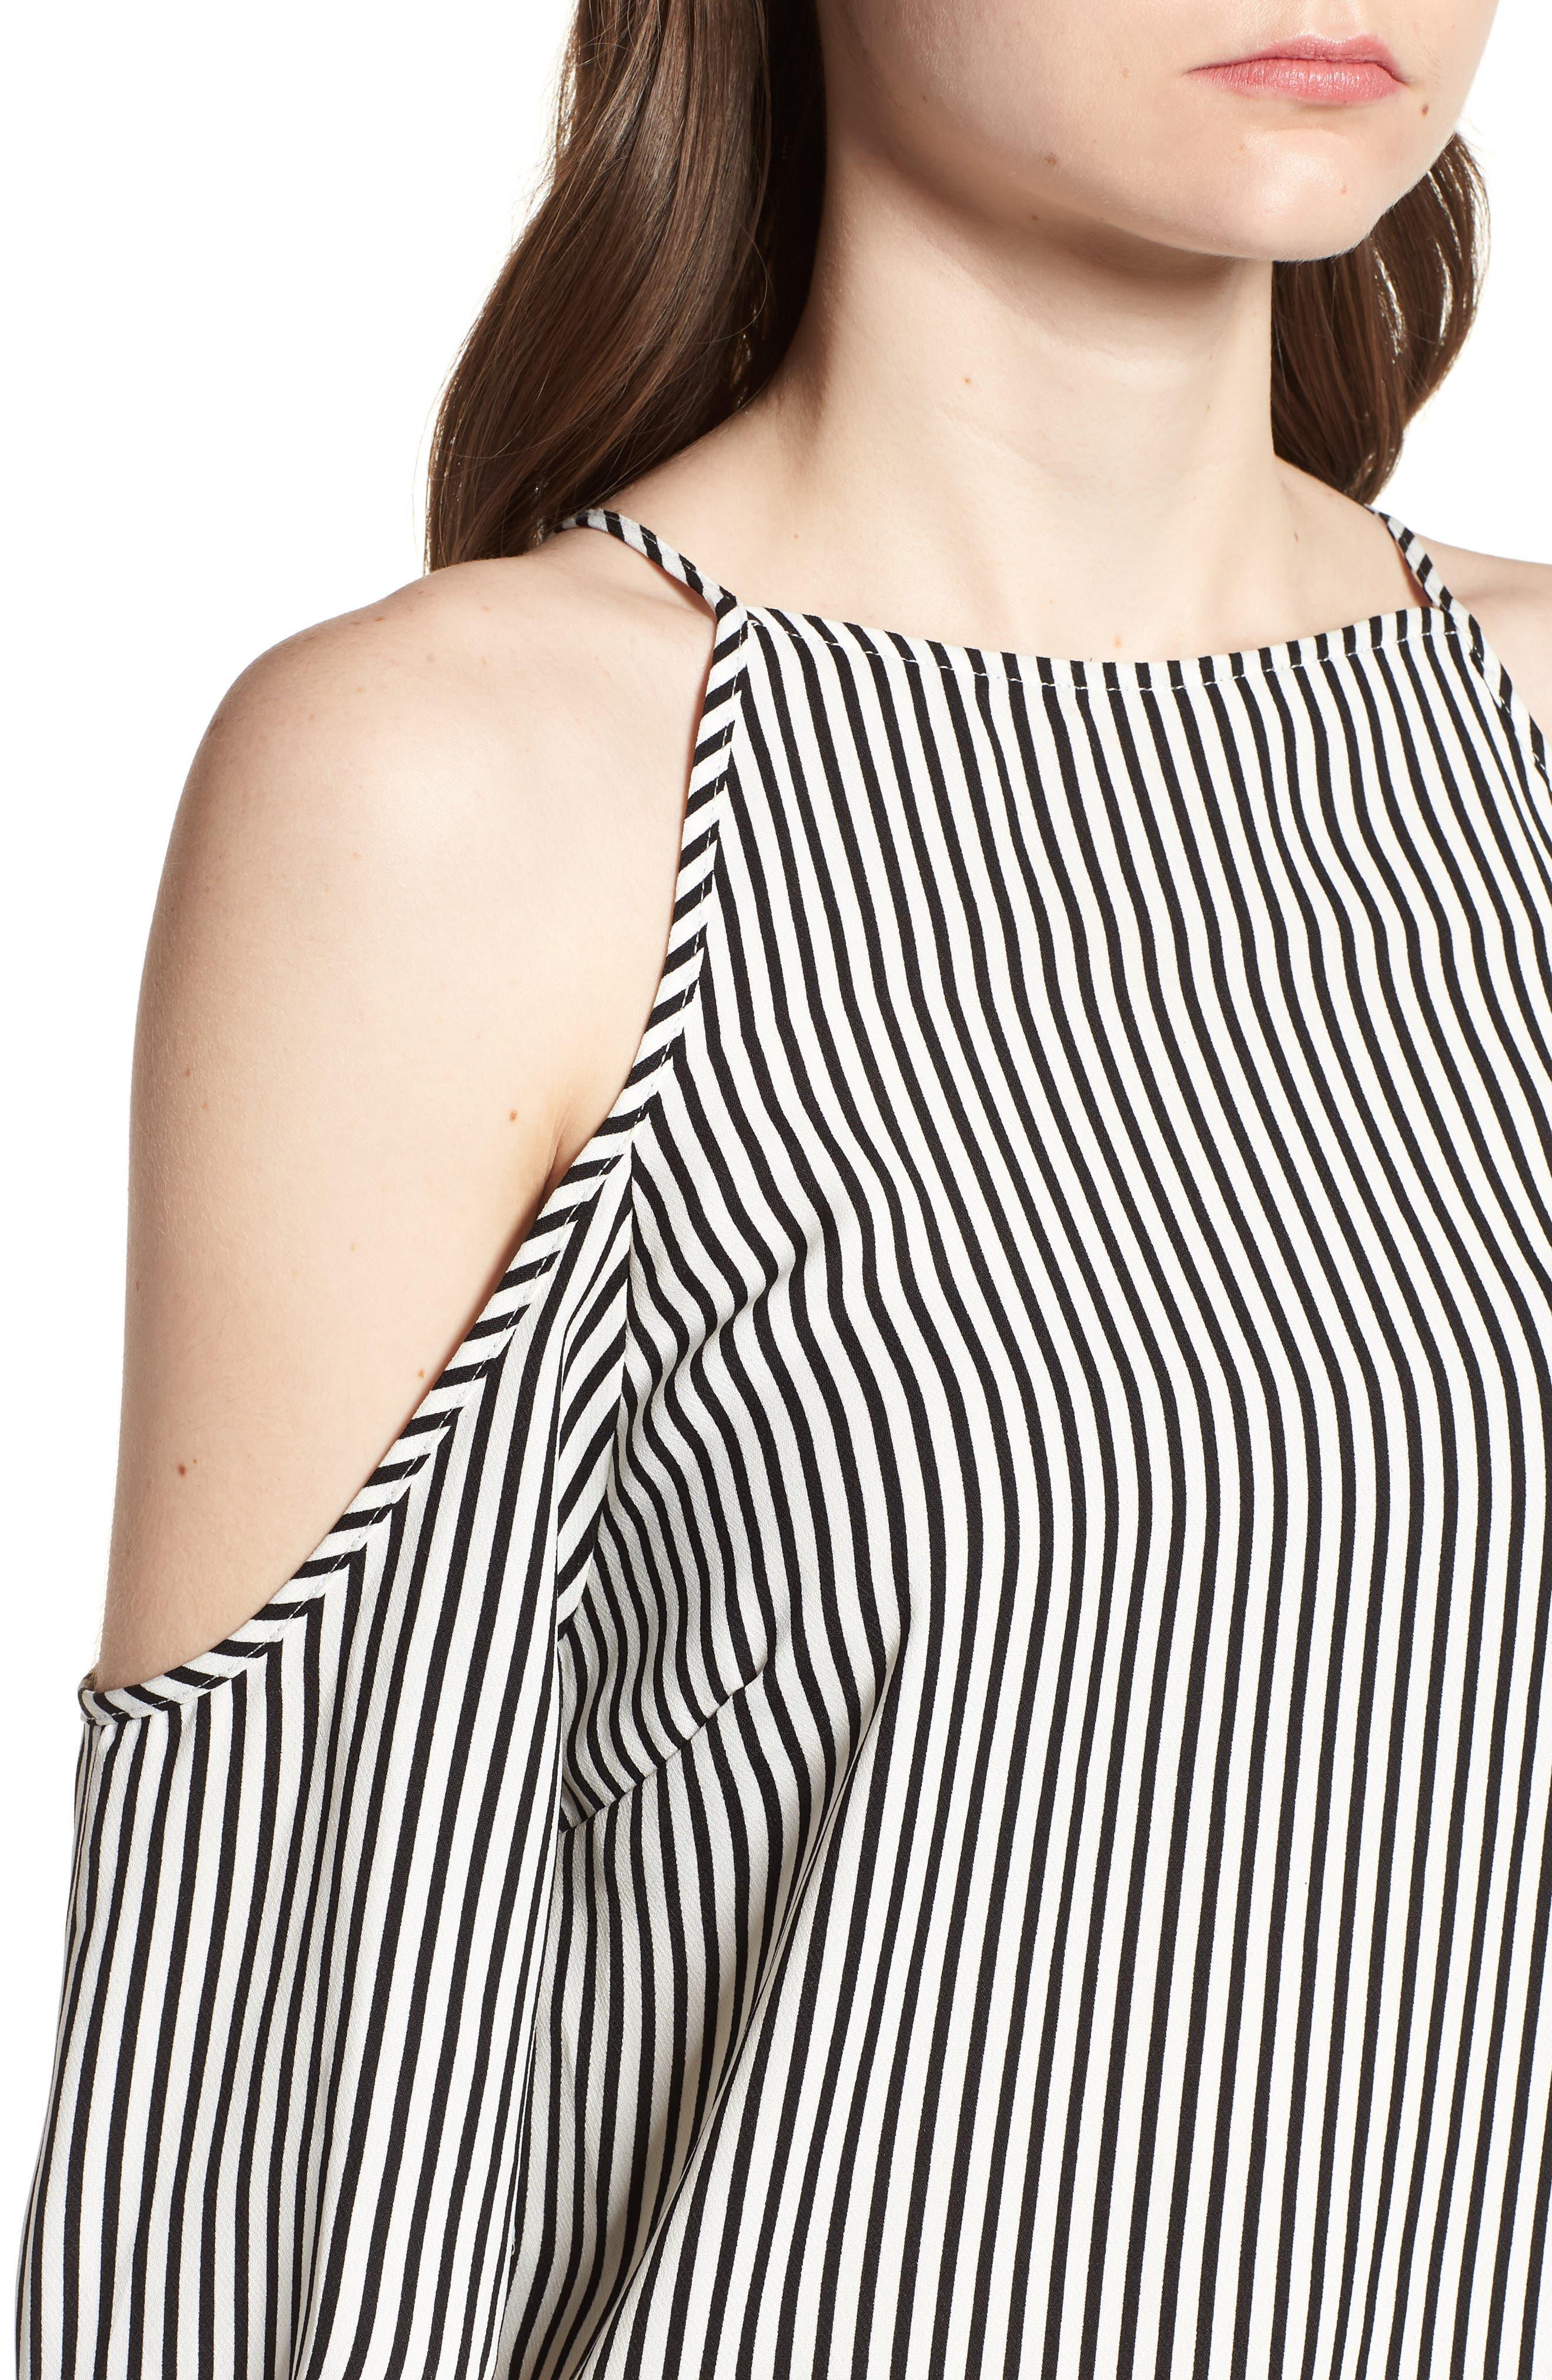 Bishop + Young Ava Stripe Cold Shoulder Top,                             Alternate thumbnail 4, color,                             BLACK STRIPE